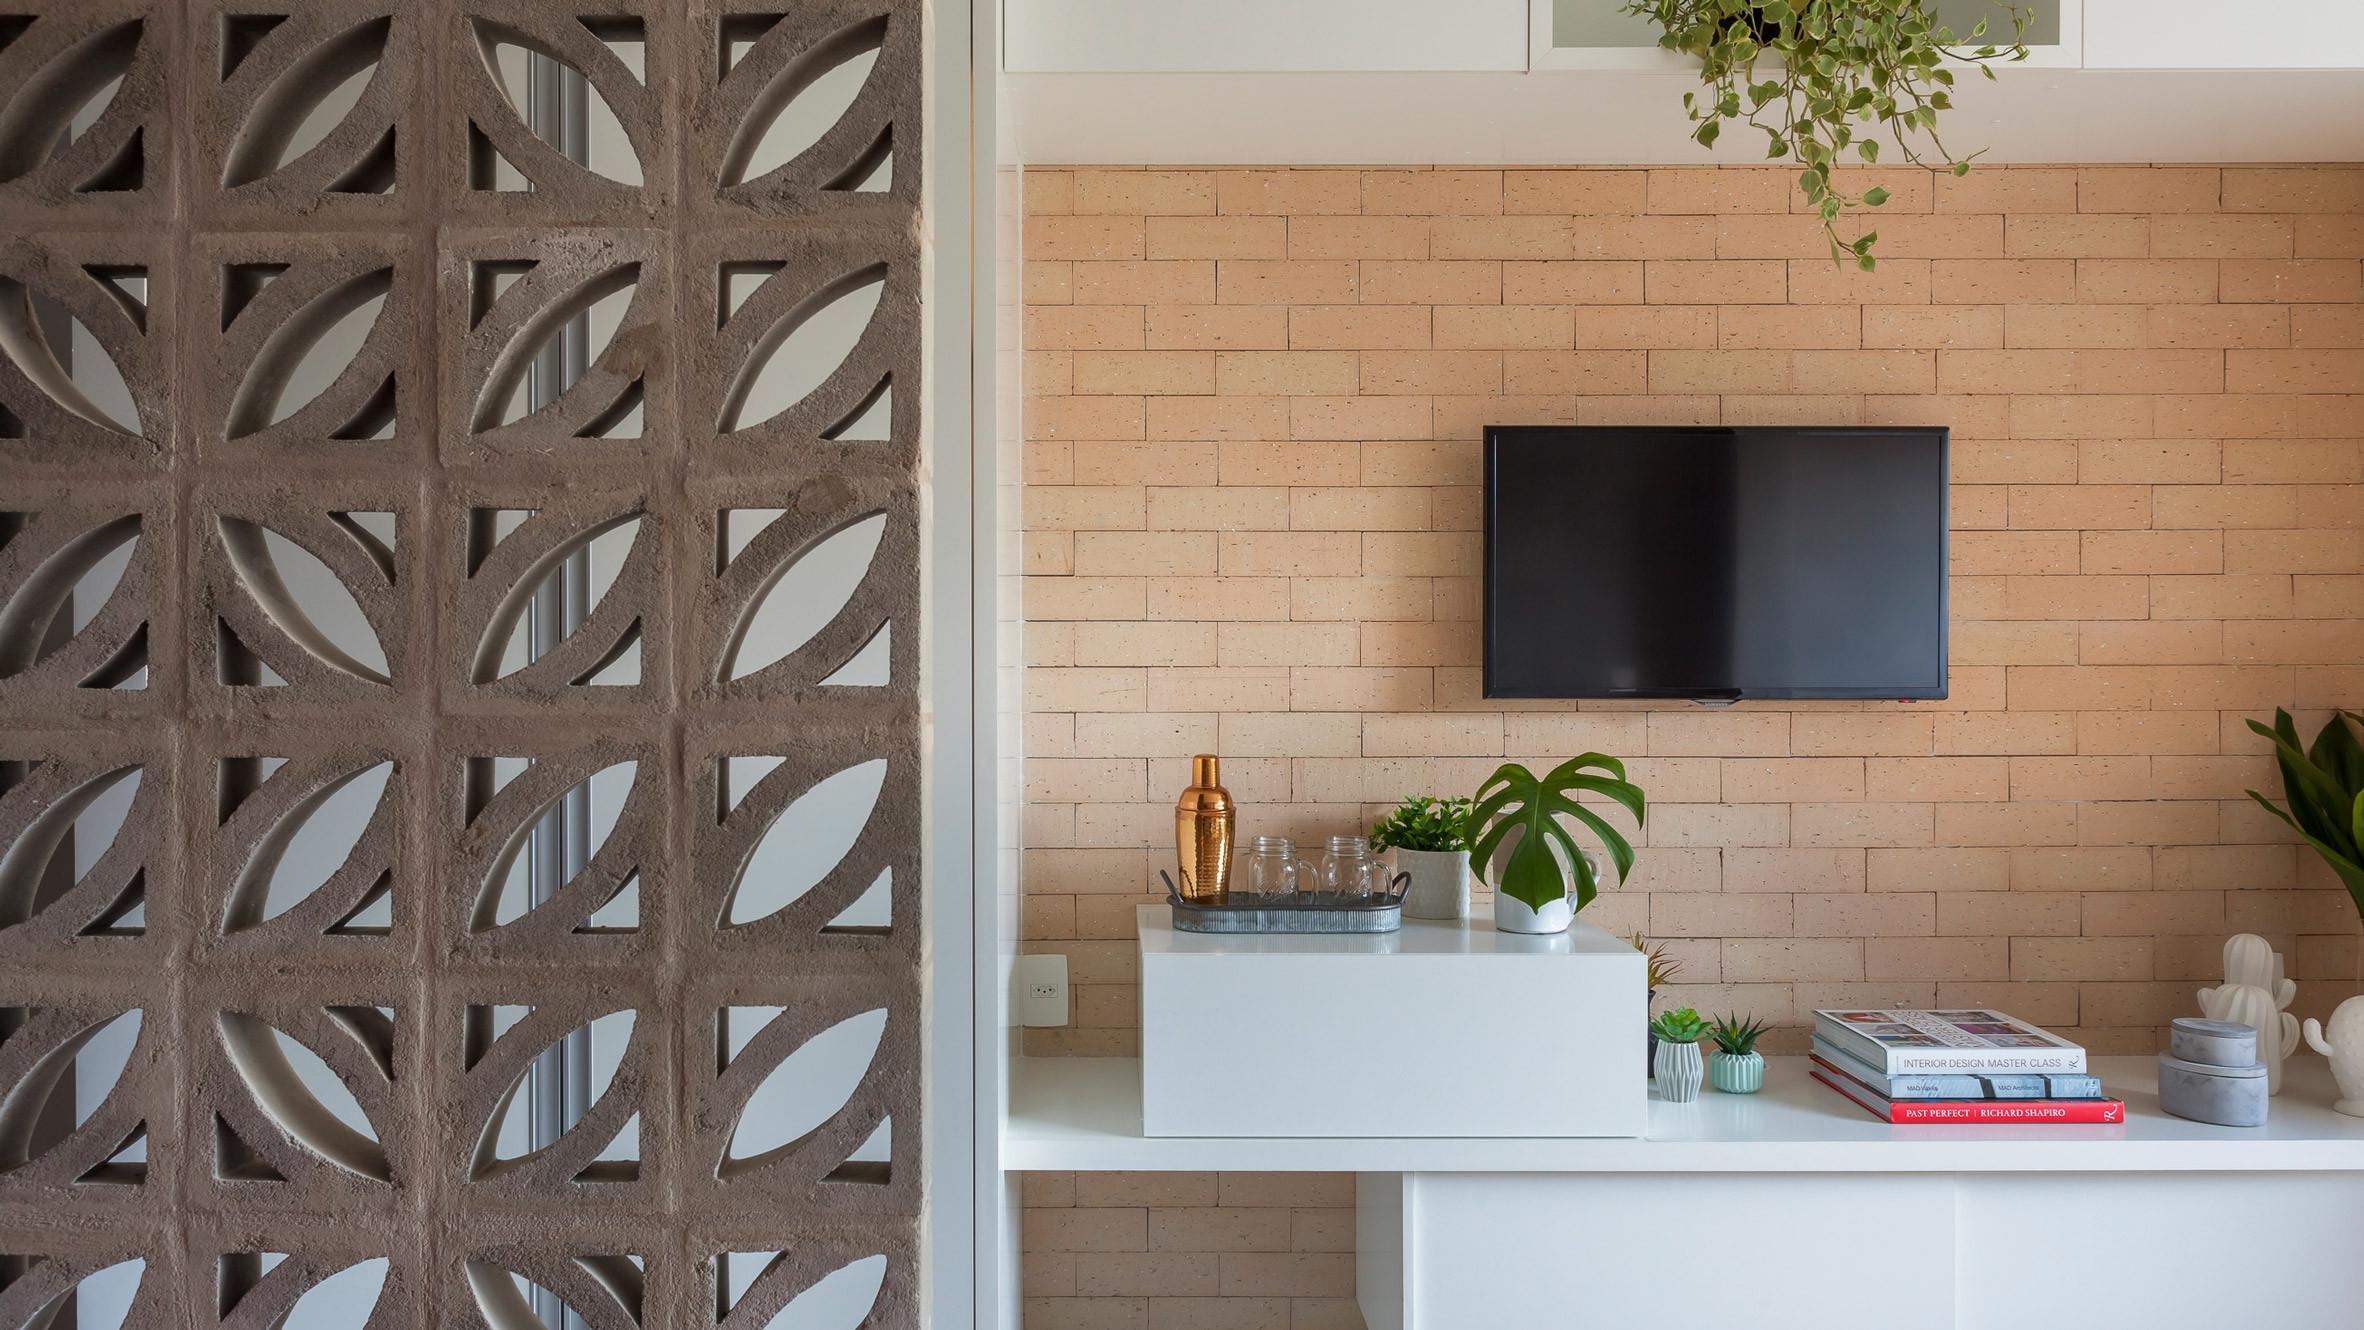 Dù diện tích căn hộ chỉ đạt 27 m2, song với cách thiết kế thông minh, chủ nhà vẫn có không gian để đặt kệ trang trí